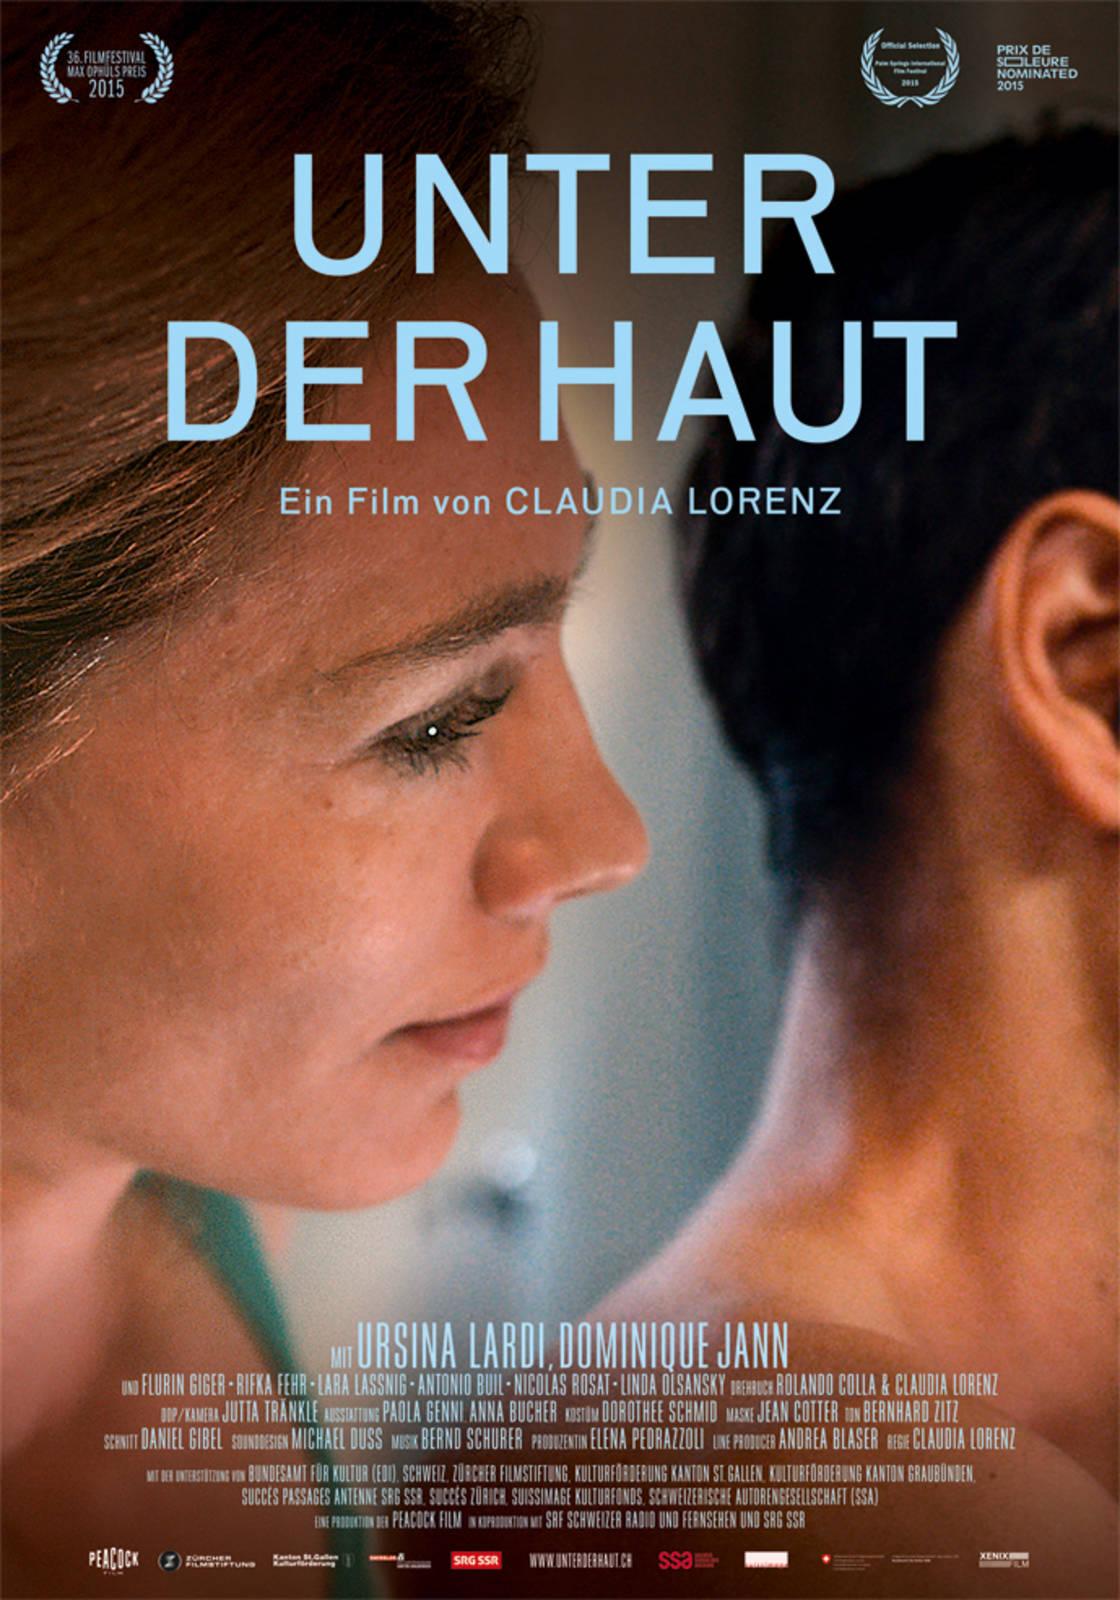 Film Unter der Haut - Cineman